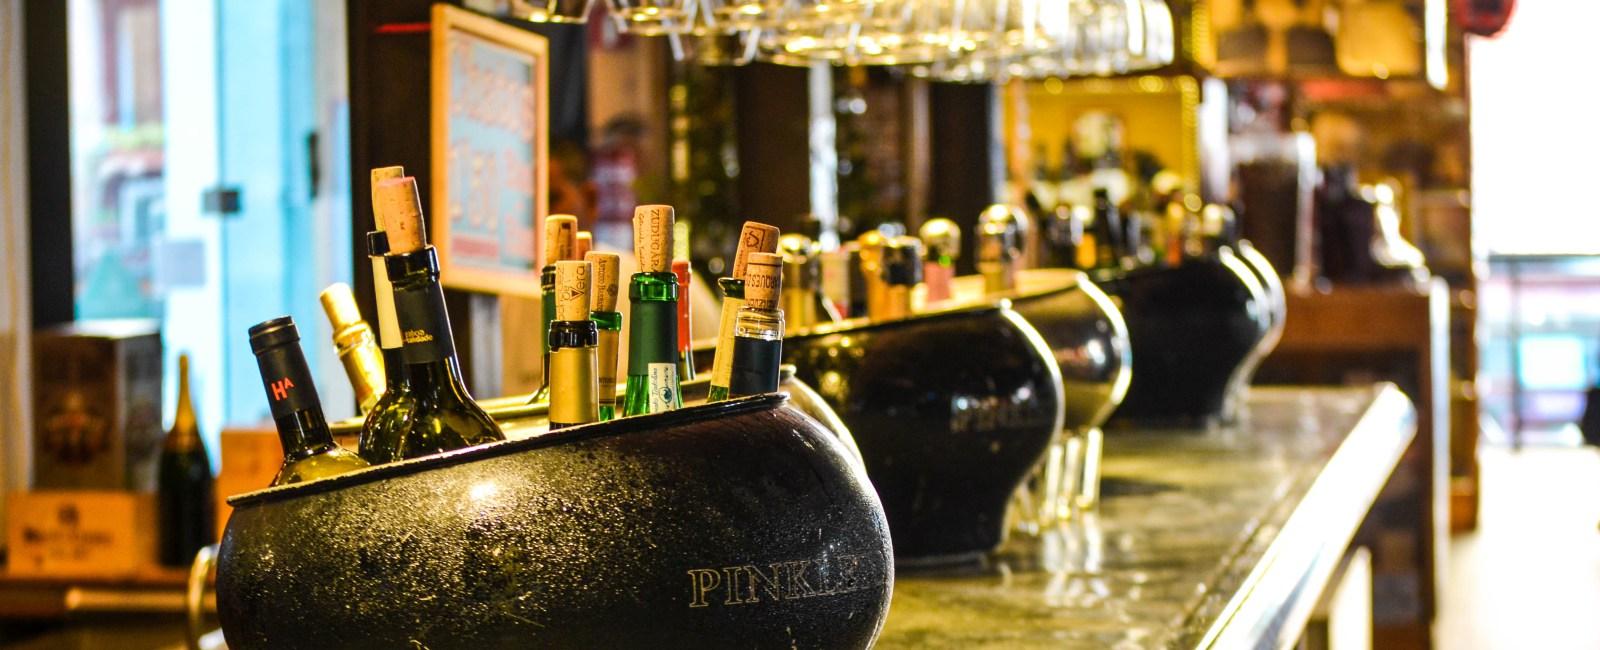 mekan-istanbul-yılbaşı-program-alkol